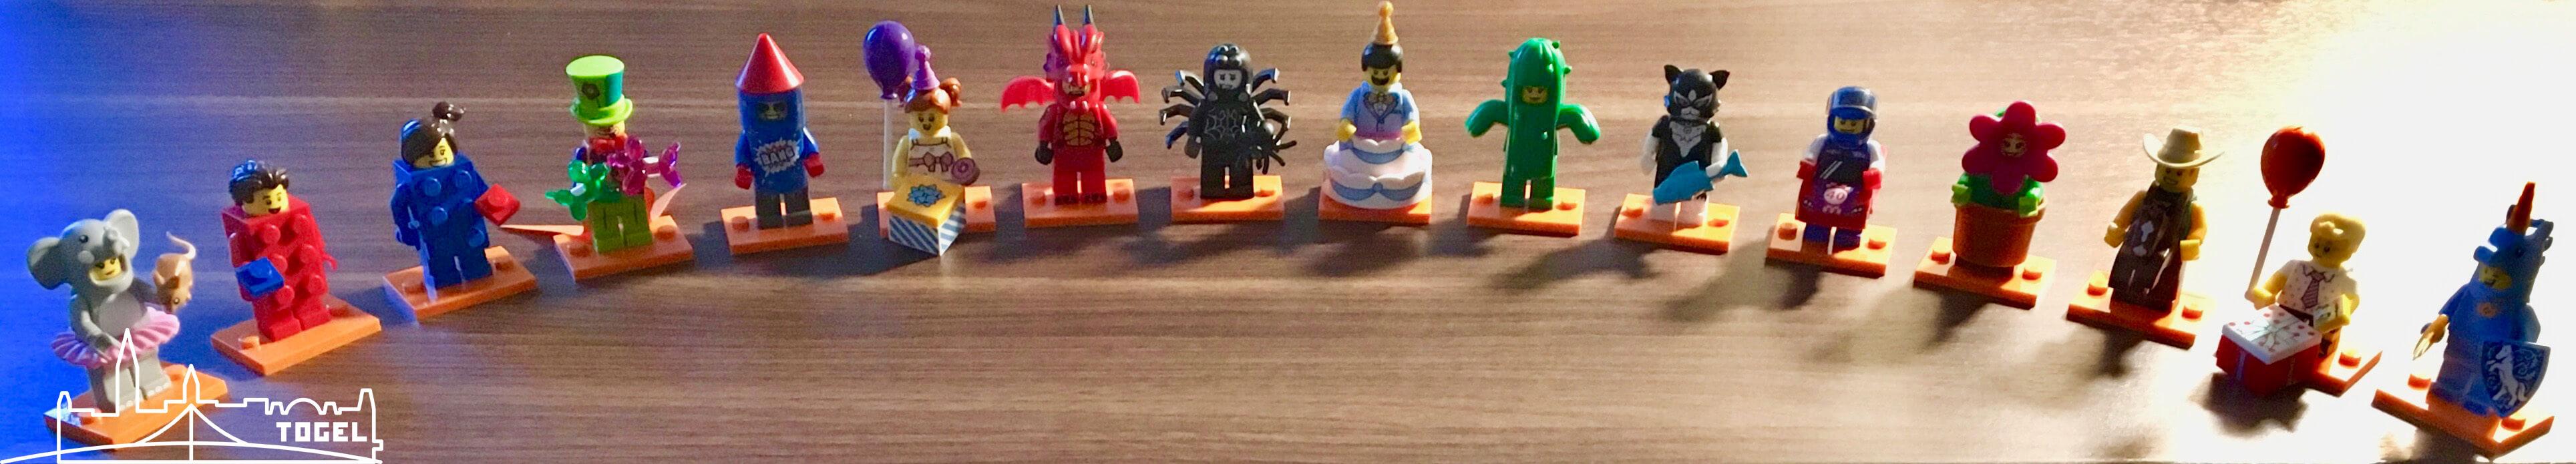 Minifiguren aus Minifigur Serie 18 aufgereiht - 40 Jahre Minifiguren.